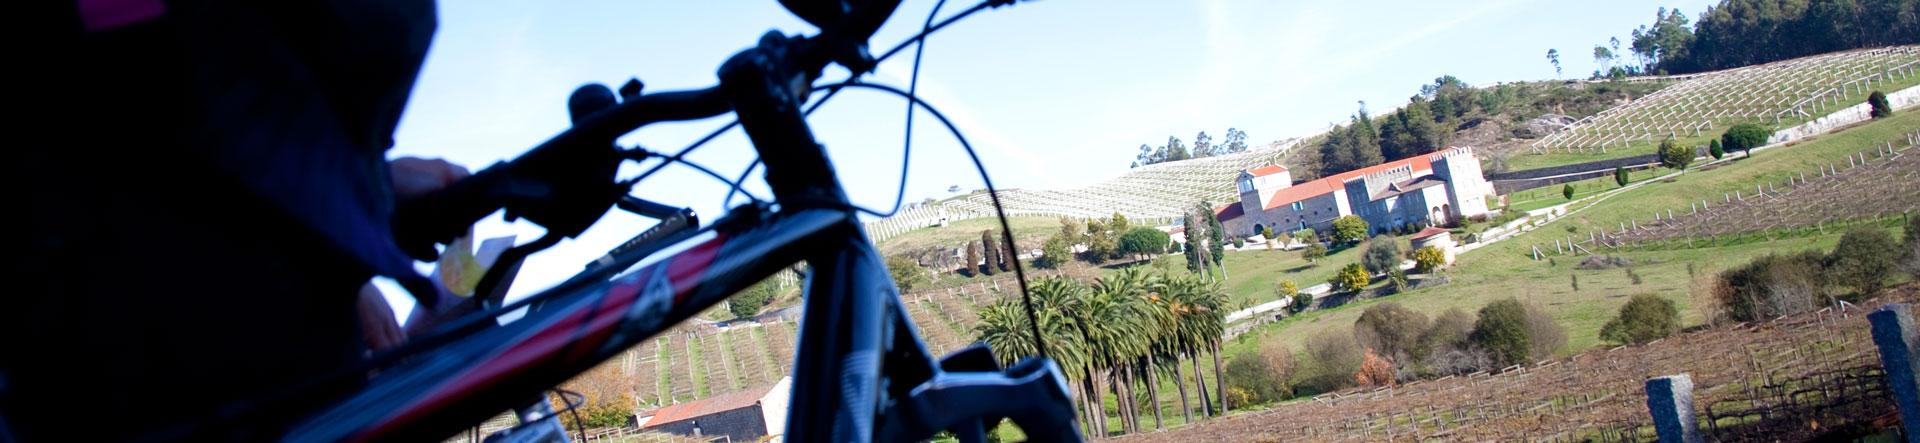 Bici viñedos